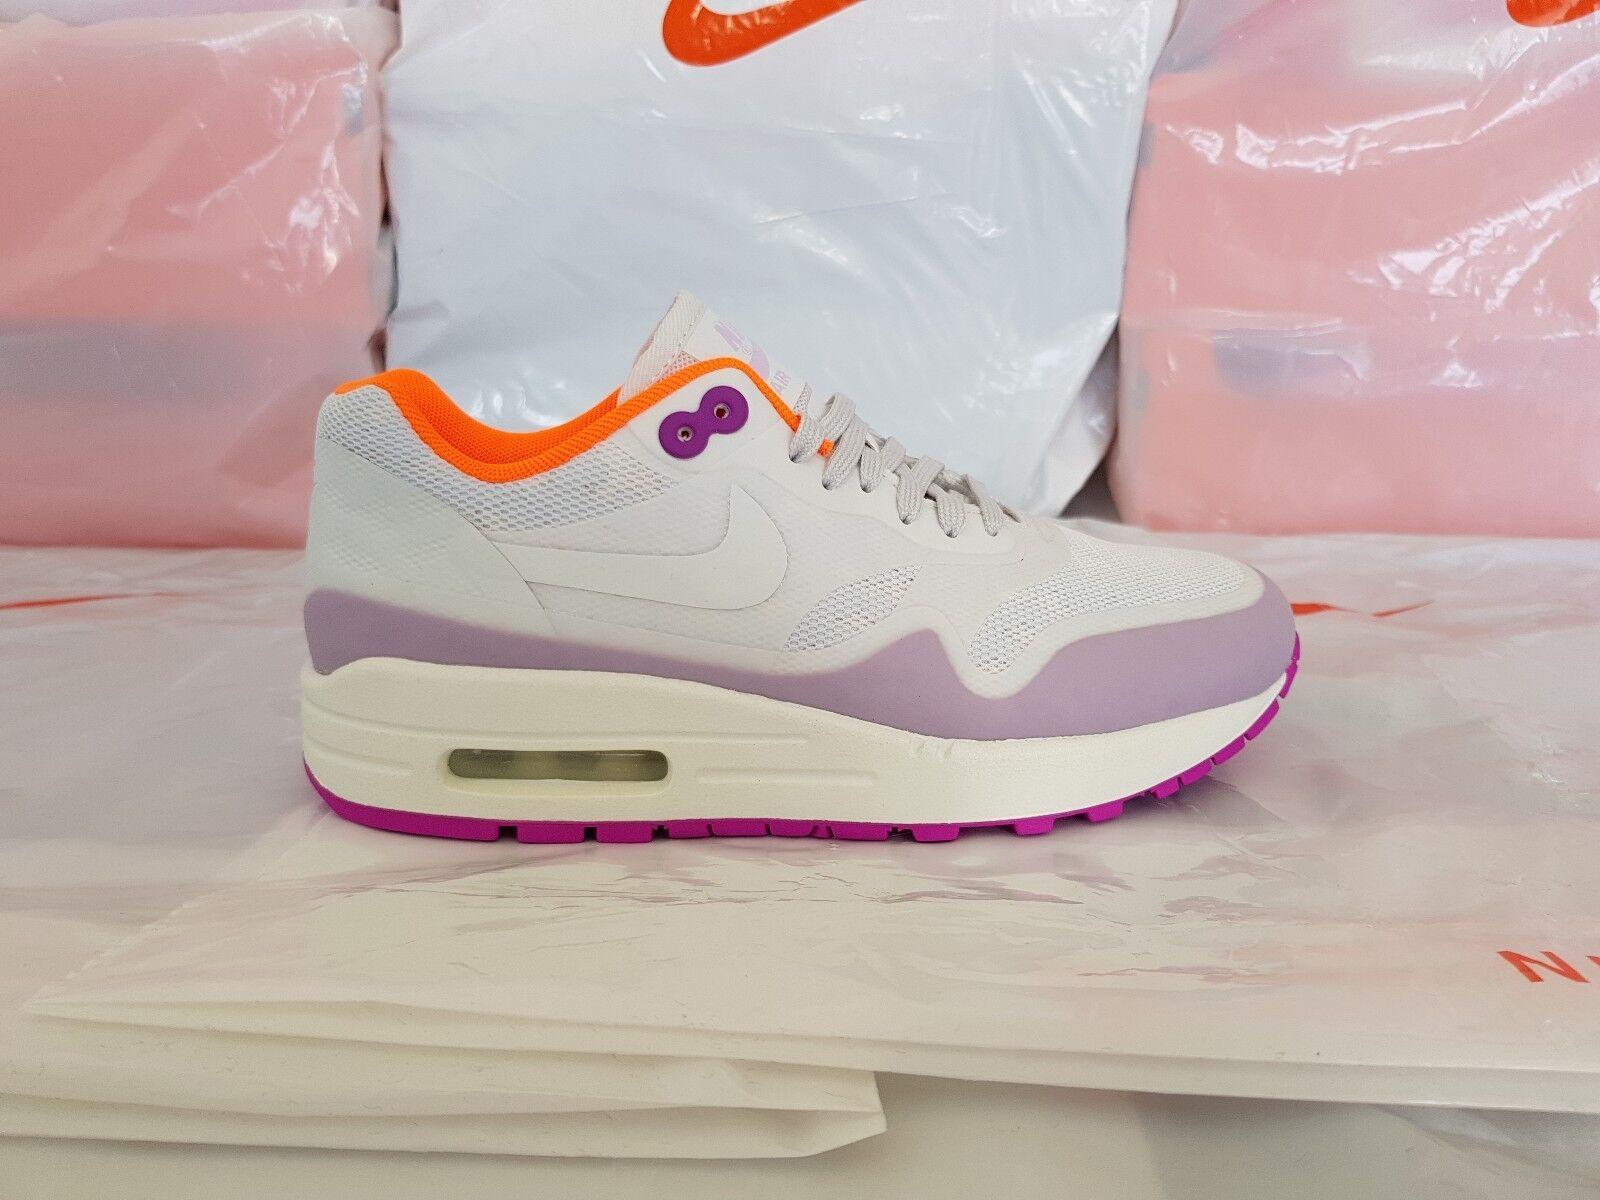 Nike WMNS Air Max Größe 1 NS Damen Schuhe Größe Max 36 White Violette Orange 844982-101 700c30